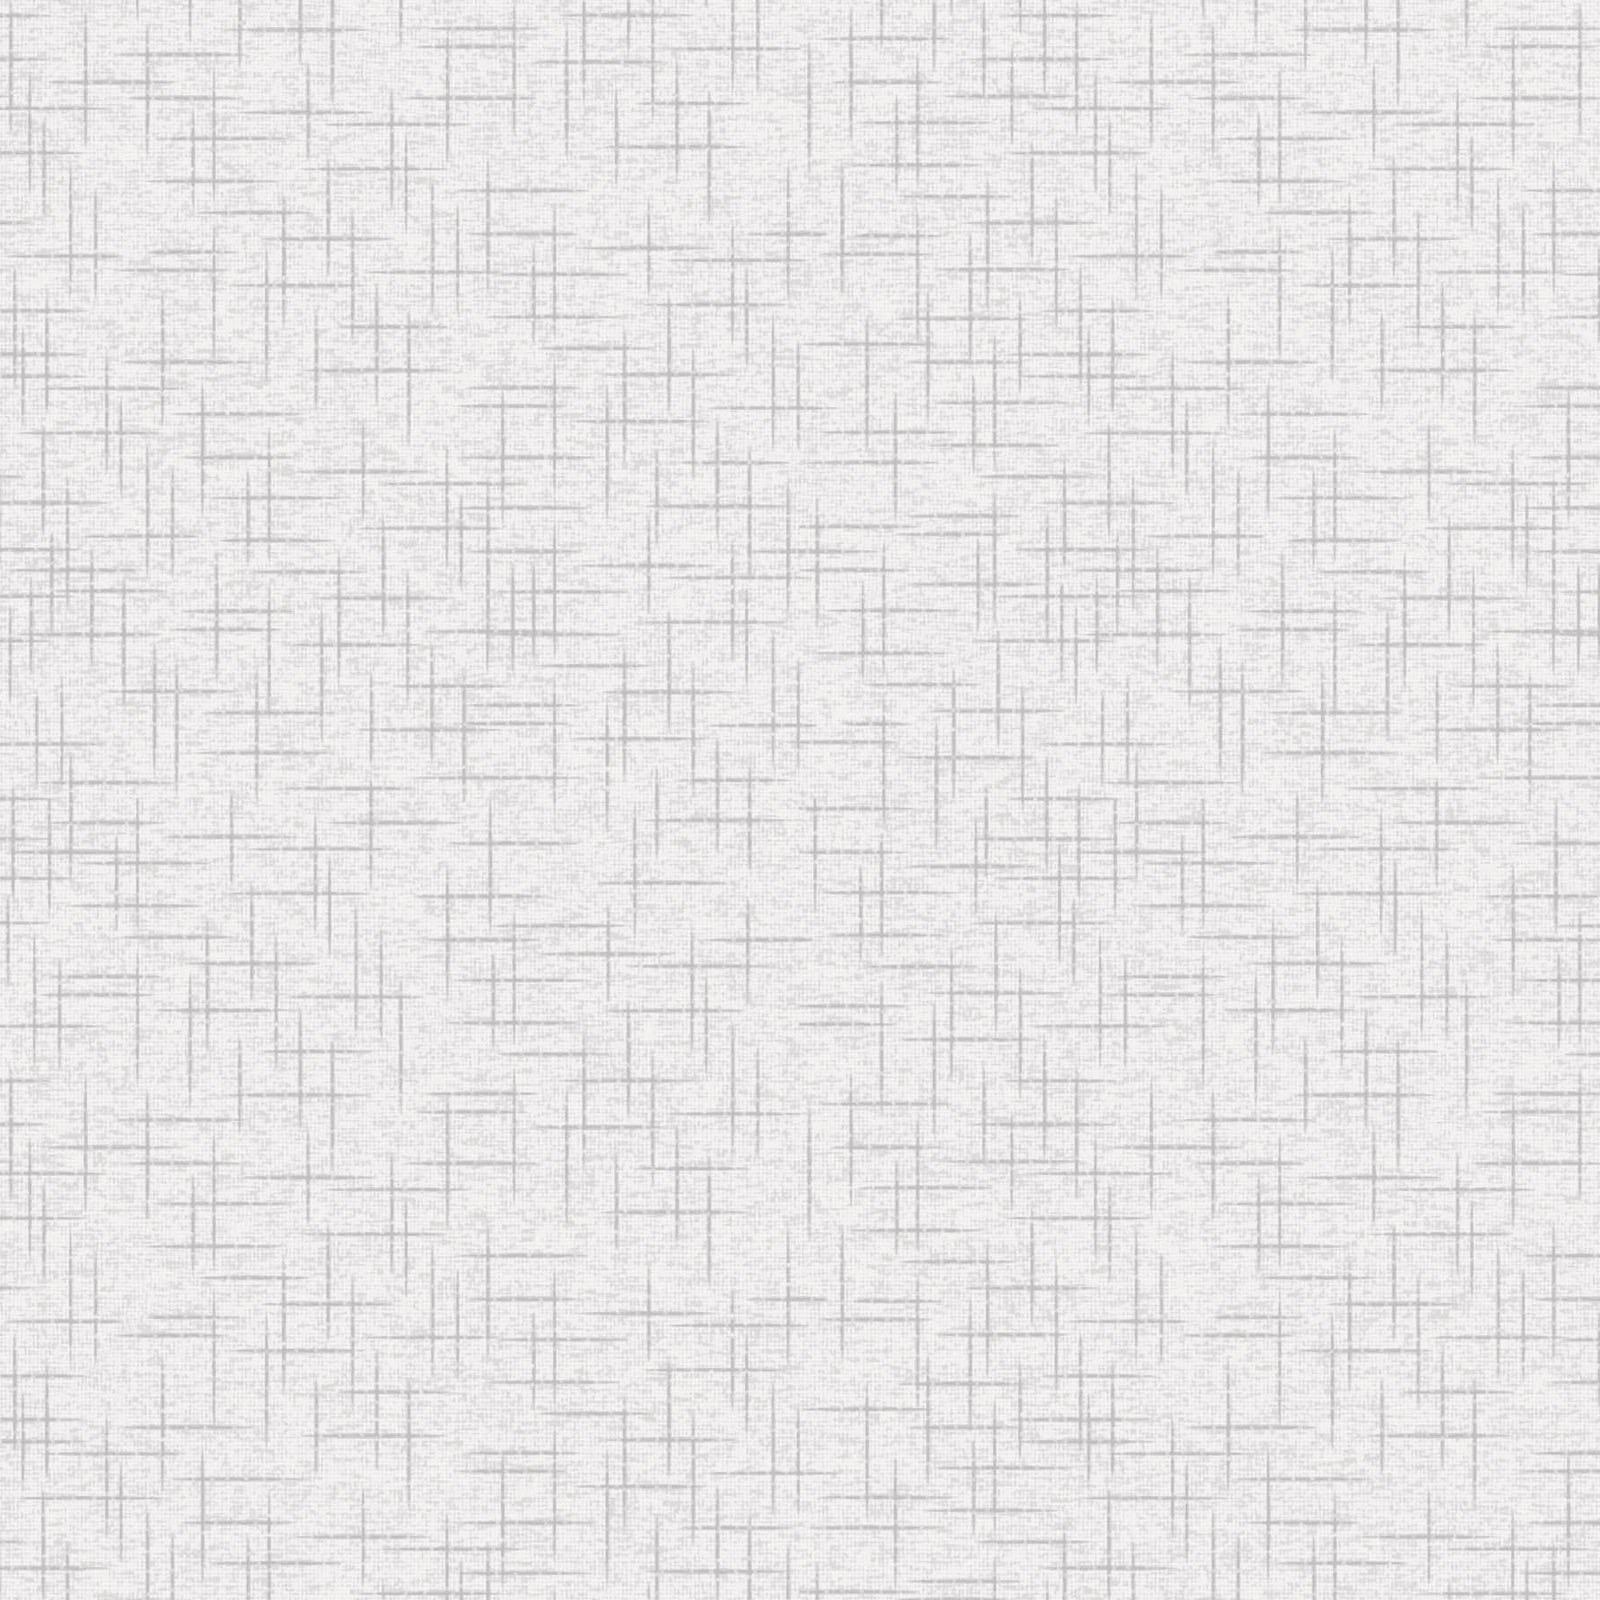 MAS9399-K Linen Texture light gray